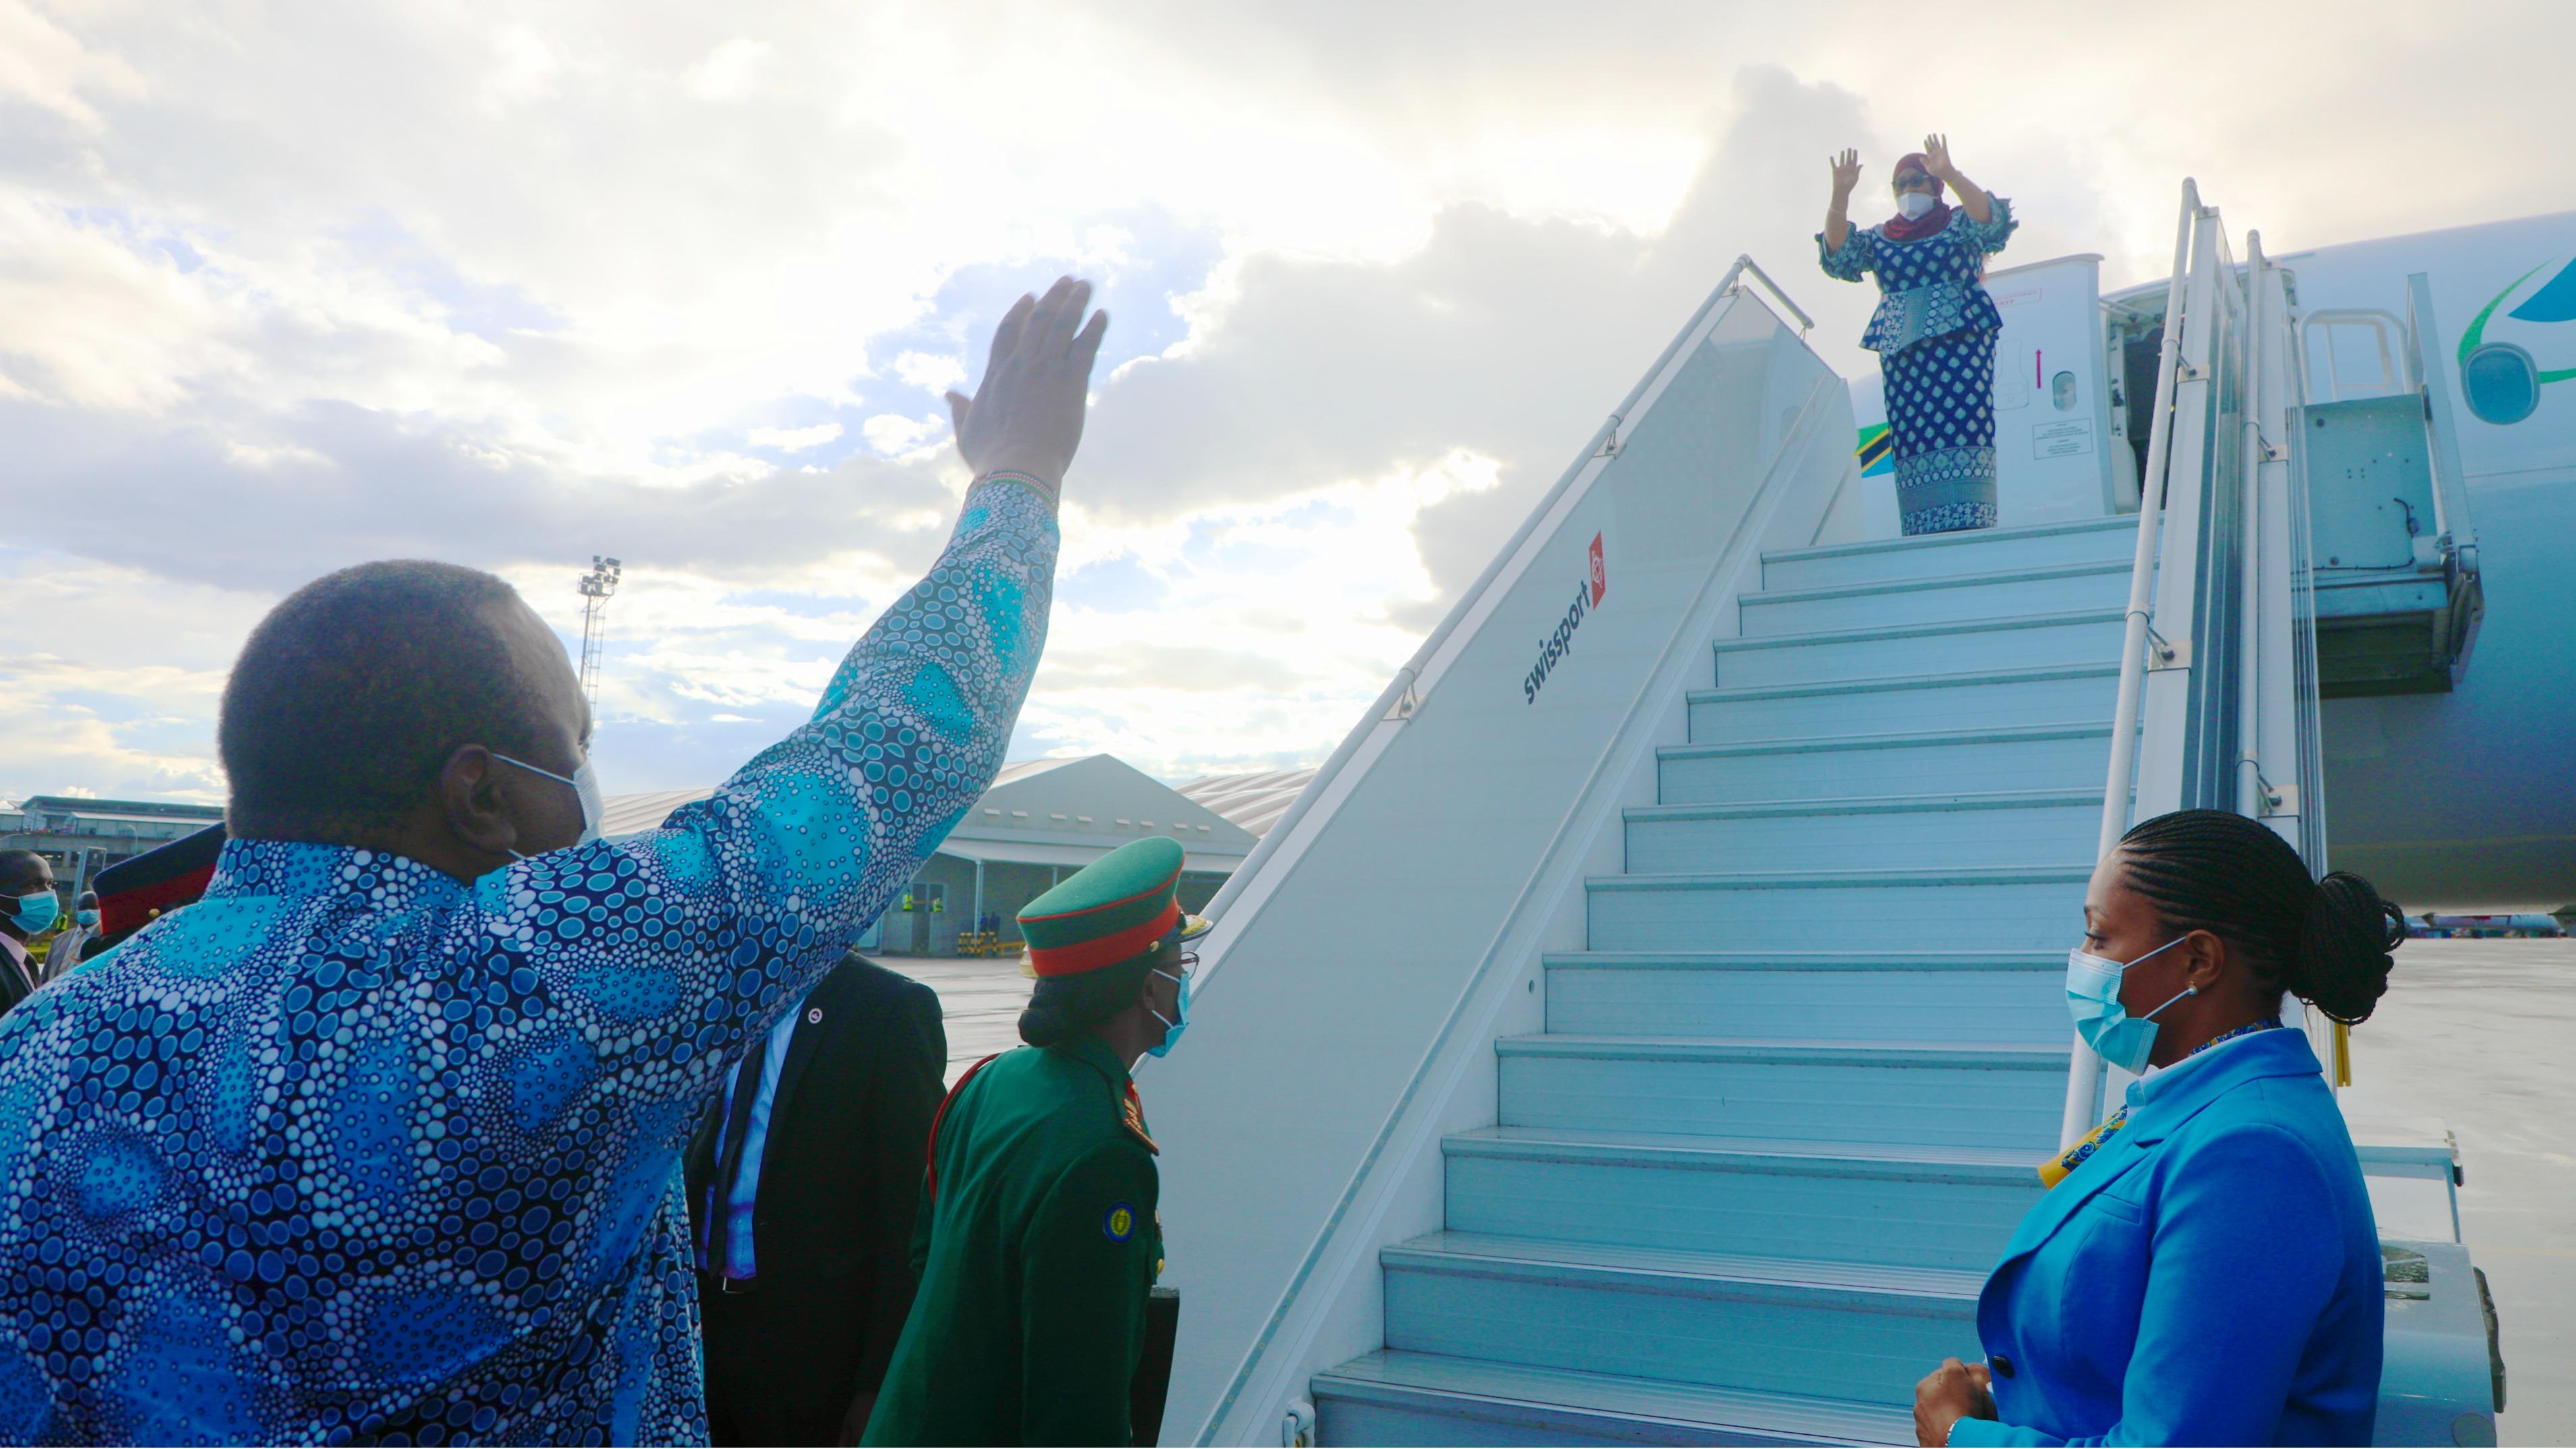 Rais wa Jamhuri ya Muungano wa Tanzania, Mhe. Samia Suluhu Hassan  akiagana na Rais wa Jamhuri ya Kenya Mhe. Uhuru Muigai Kenyatta uwanja wandege wa Jomo Kenyatta  Nairobi  mara baada ya Mhe. Rais  Samia  Suluhu Hassan  kumaliza  ziara yake ya siku mbili  nchini Kenya